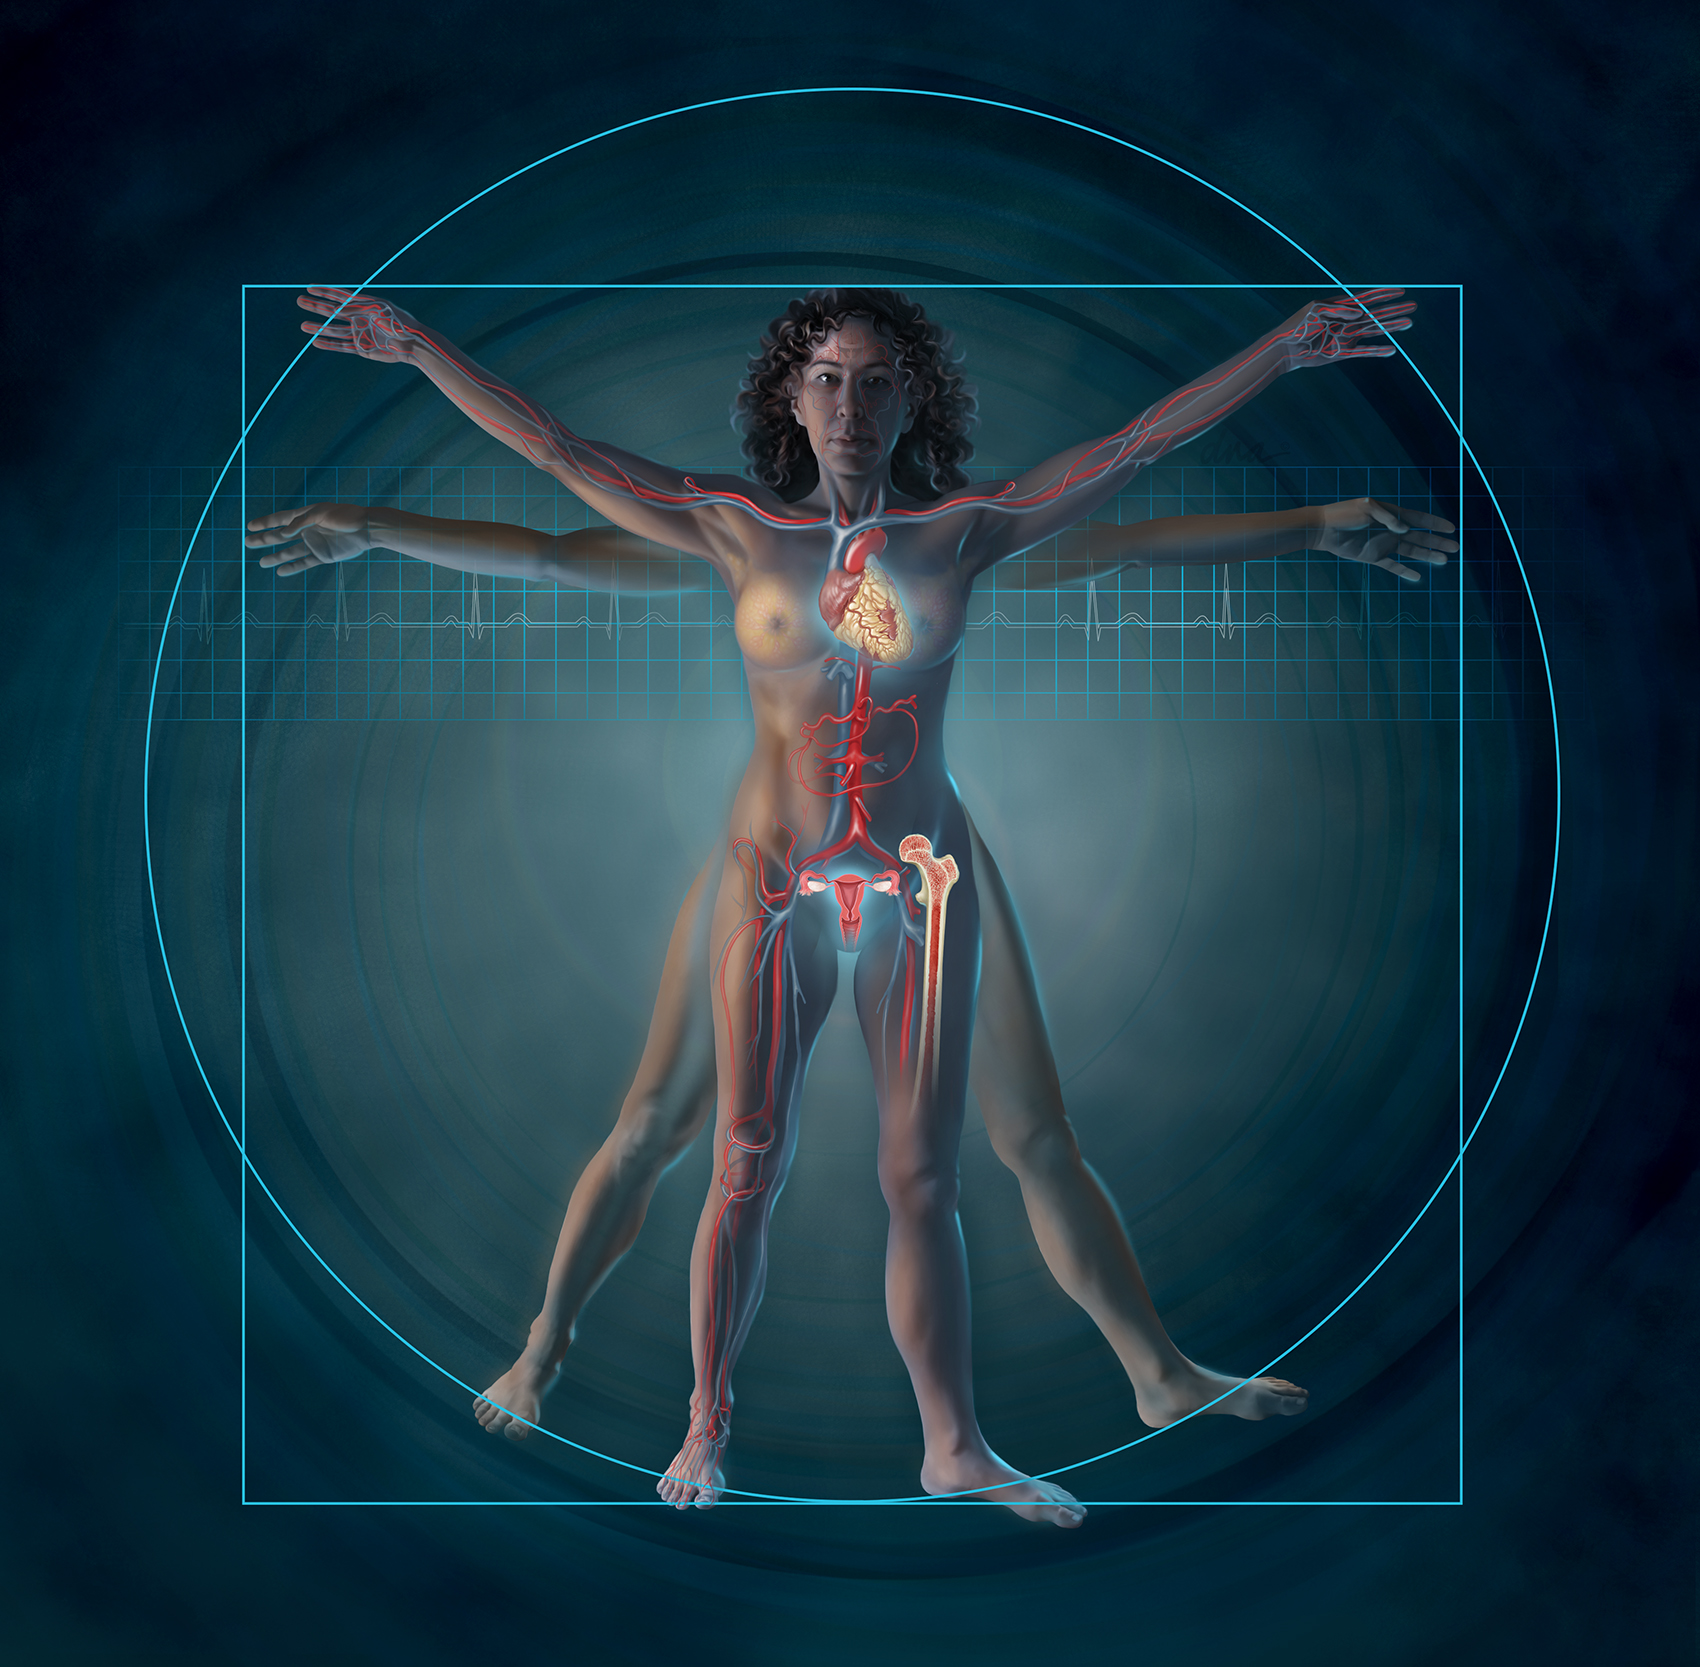 Vitruvian Woman